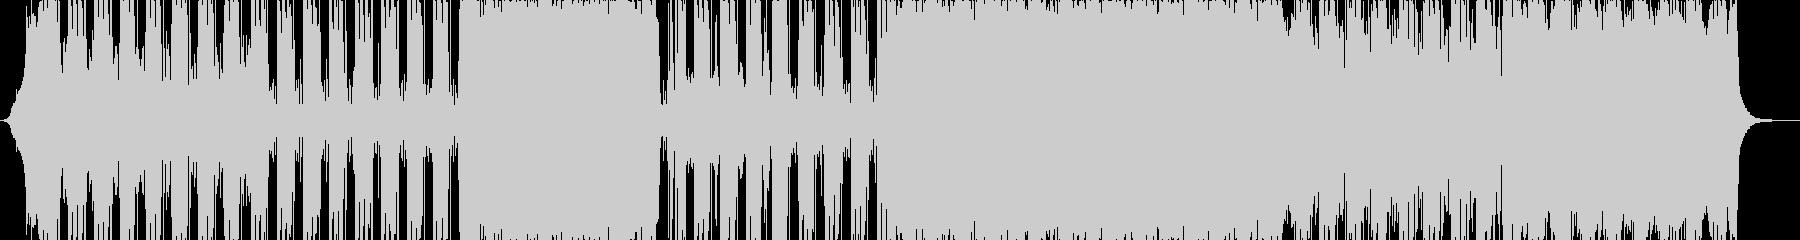 アップビート、エネルギッシュ、ロックの未再生の波形